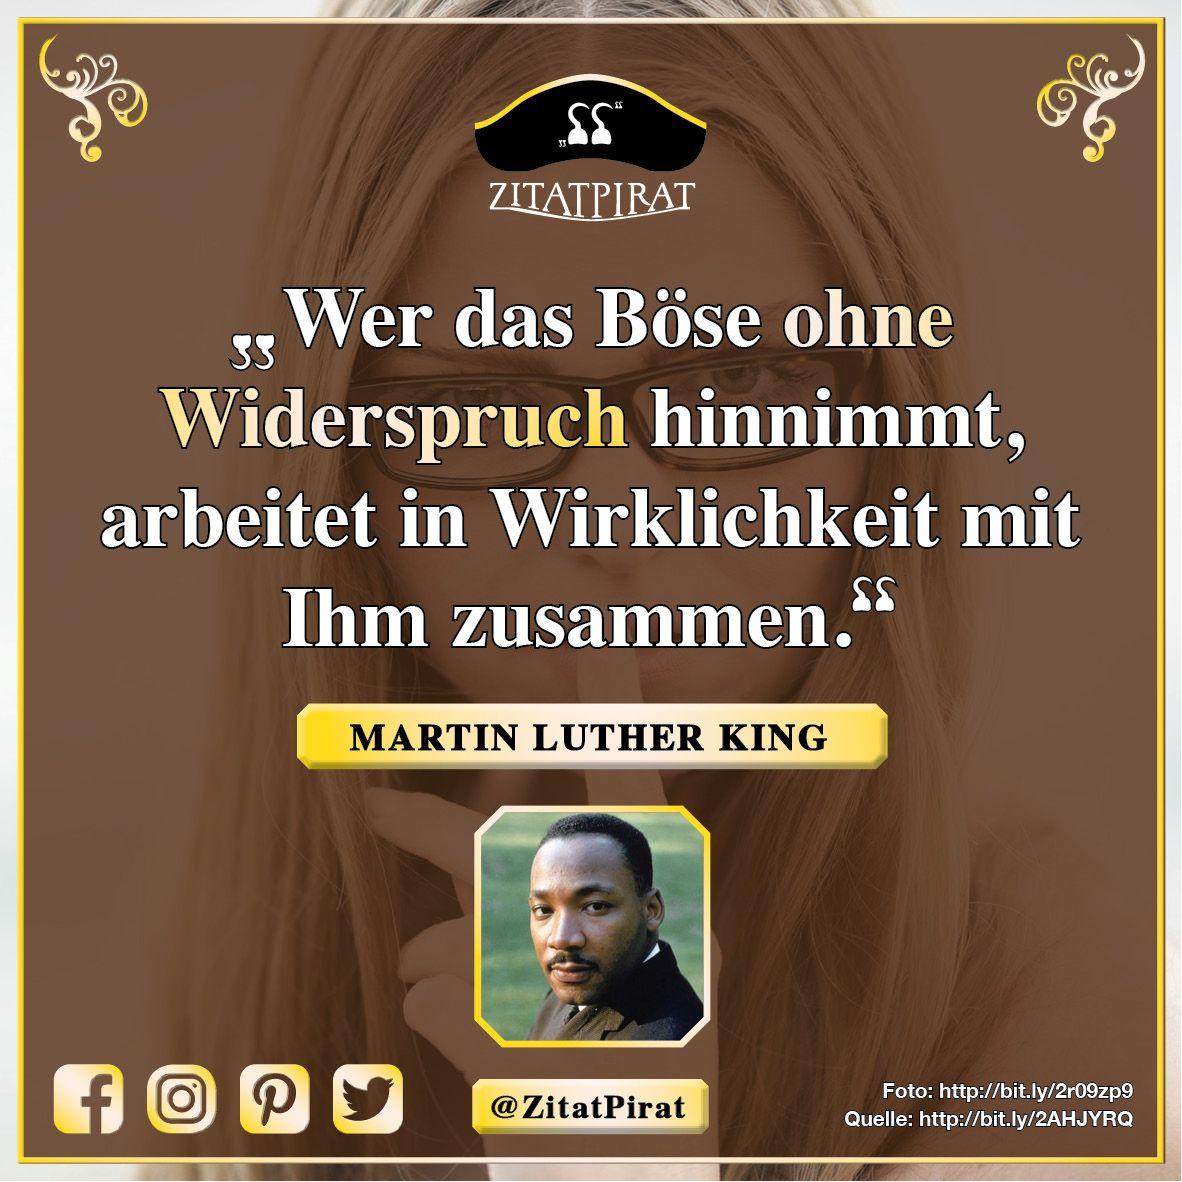 Martin Luther King Zitatpirat Zitate Zum Denken Handeln